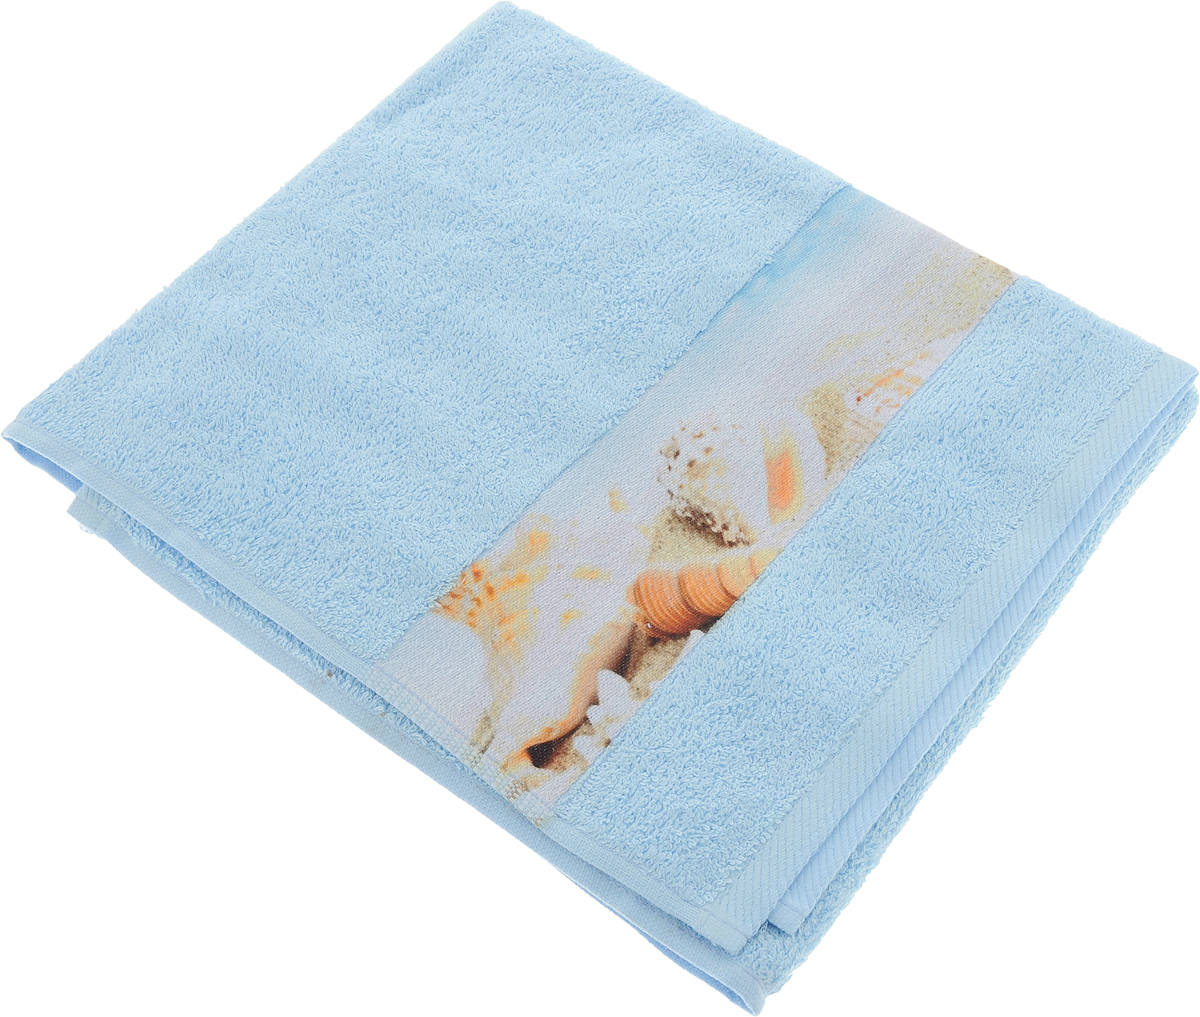 """Банное полотенце Aquarelle """"Фотобордюр. Ракушки 1"""" выполнено из махровой ткани и оформлено принтом морской тематики. Изделие отлично впитывает влагу, быстро сохнет, сохраняет яркость цвета и не теряет форму даже после многократных стирок.  Такое полотенце очень практично и неприхотливо в уходе."""